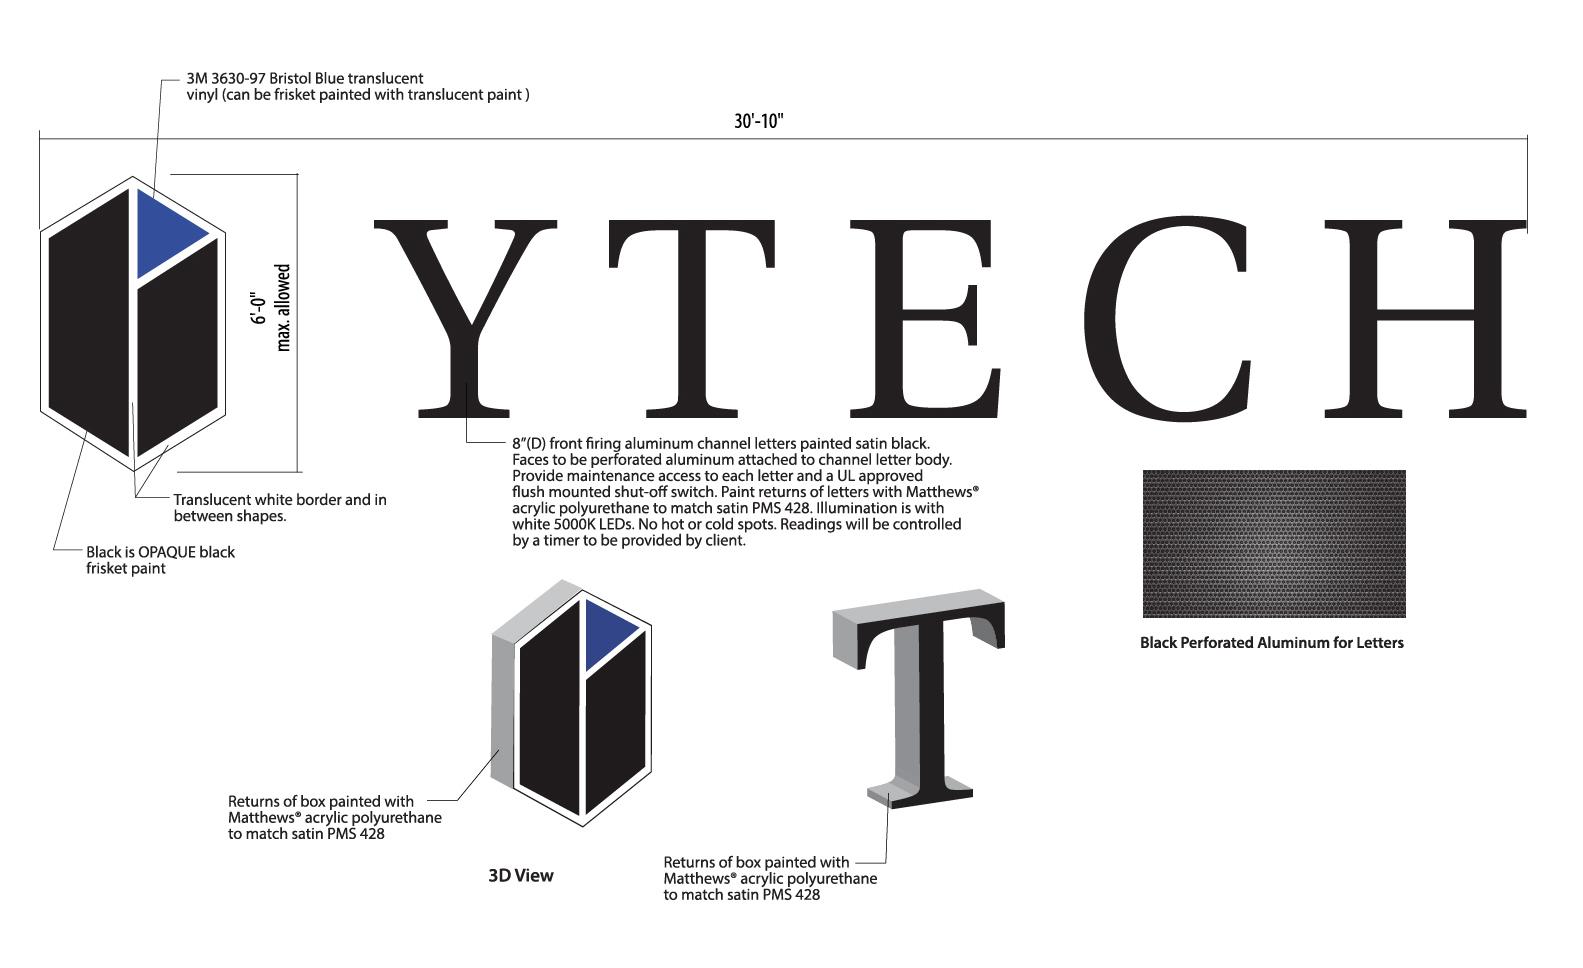 Ytech_sign.jpg